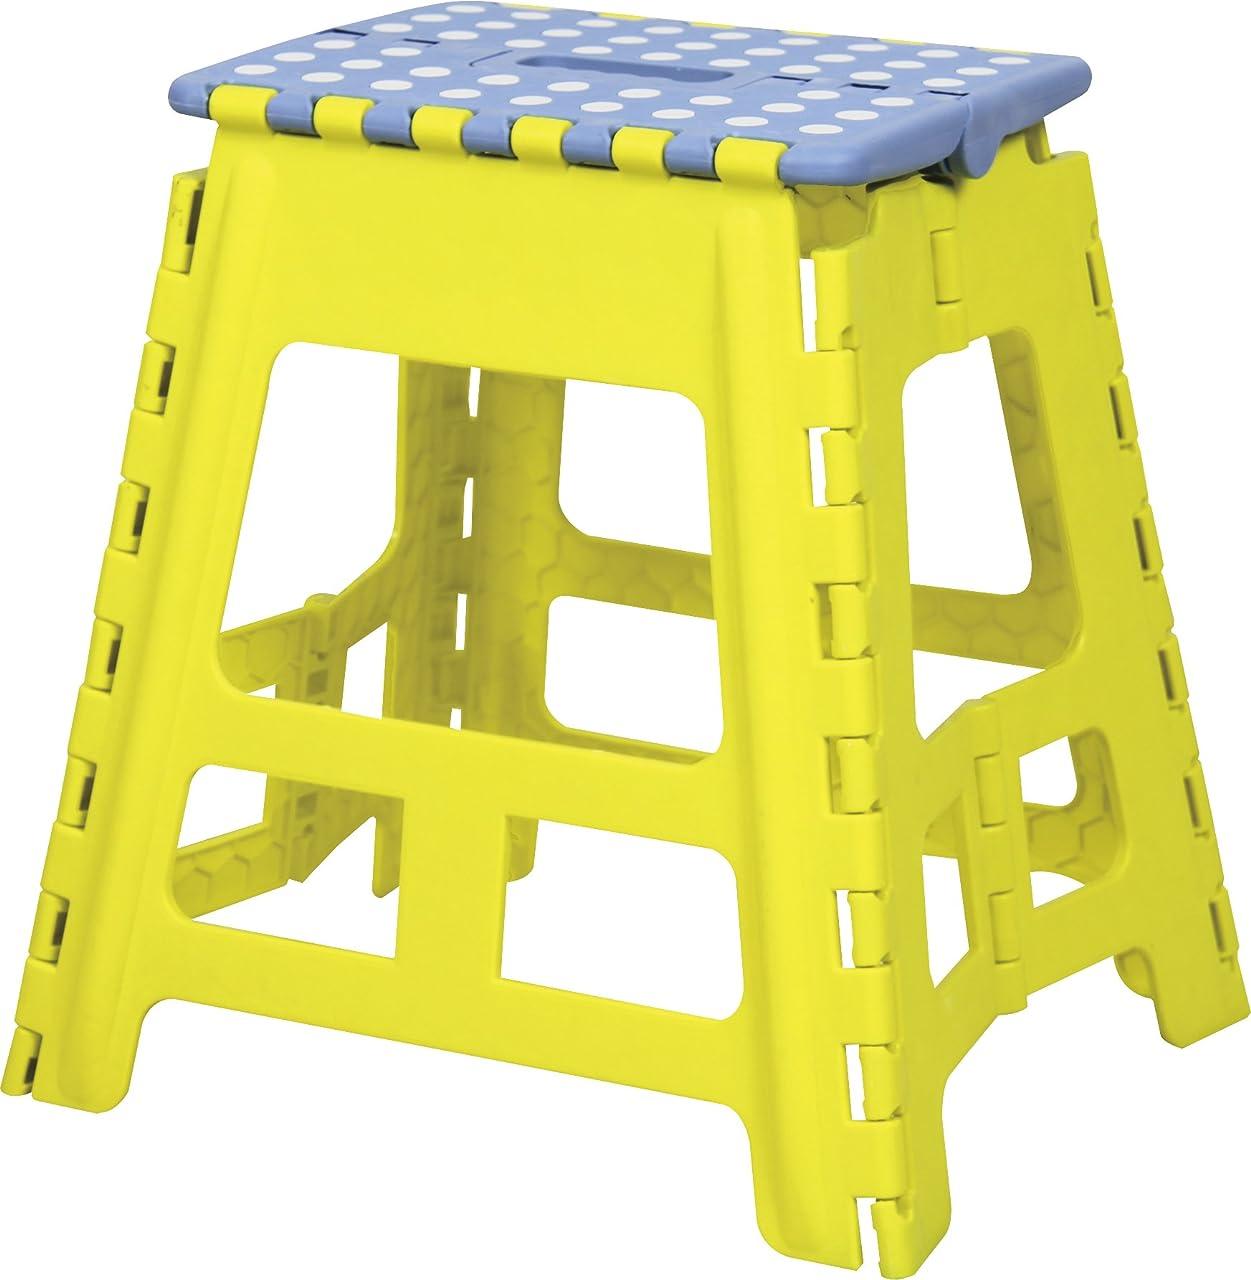 斧奨励橋脚AZUMAYA クラスタースツール 折りたたみ式踏み台 Lサイズ イエロー色 BLC-312YE